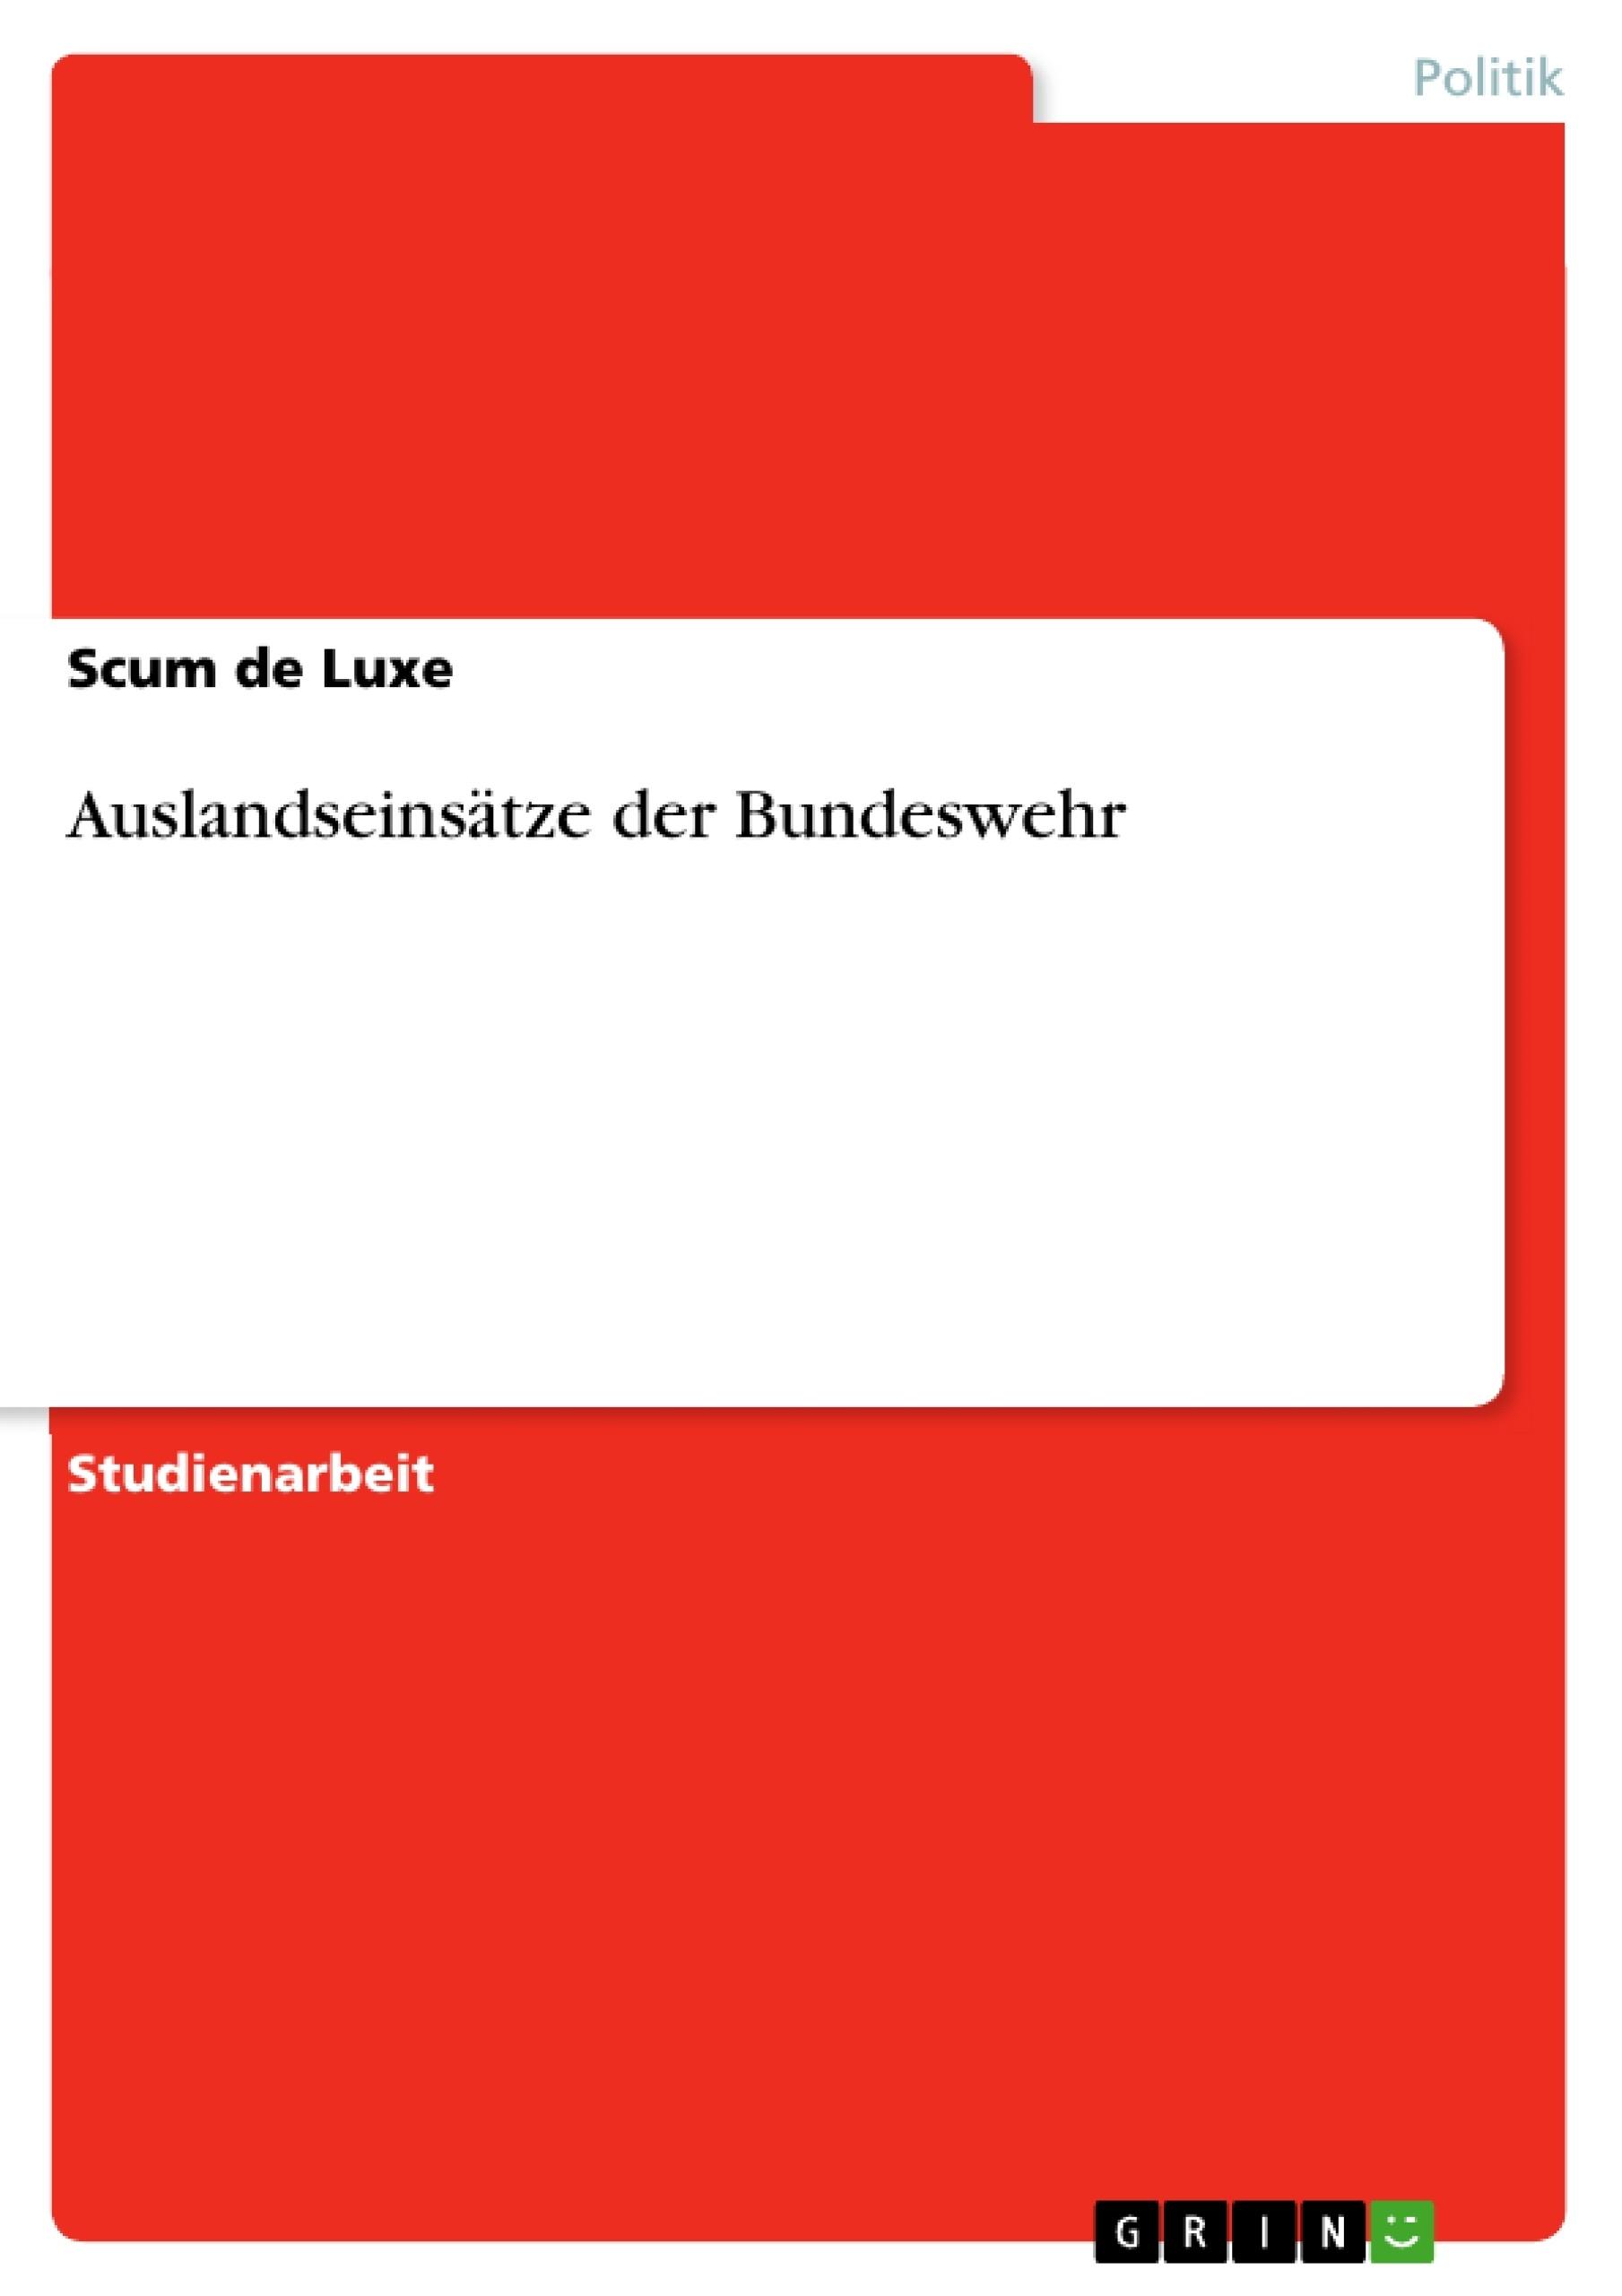 Titel: Auslandseinsätze der Bundeswehr